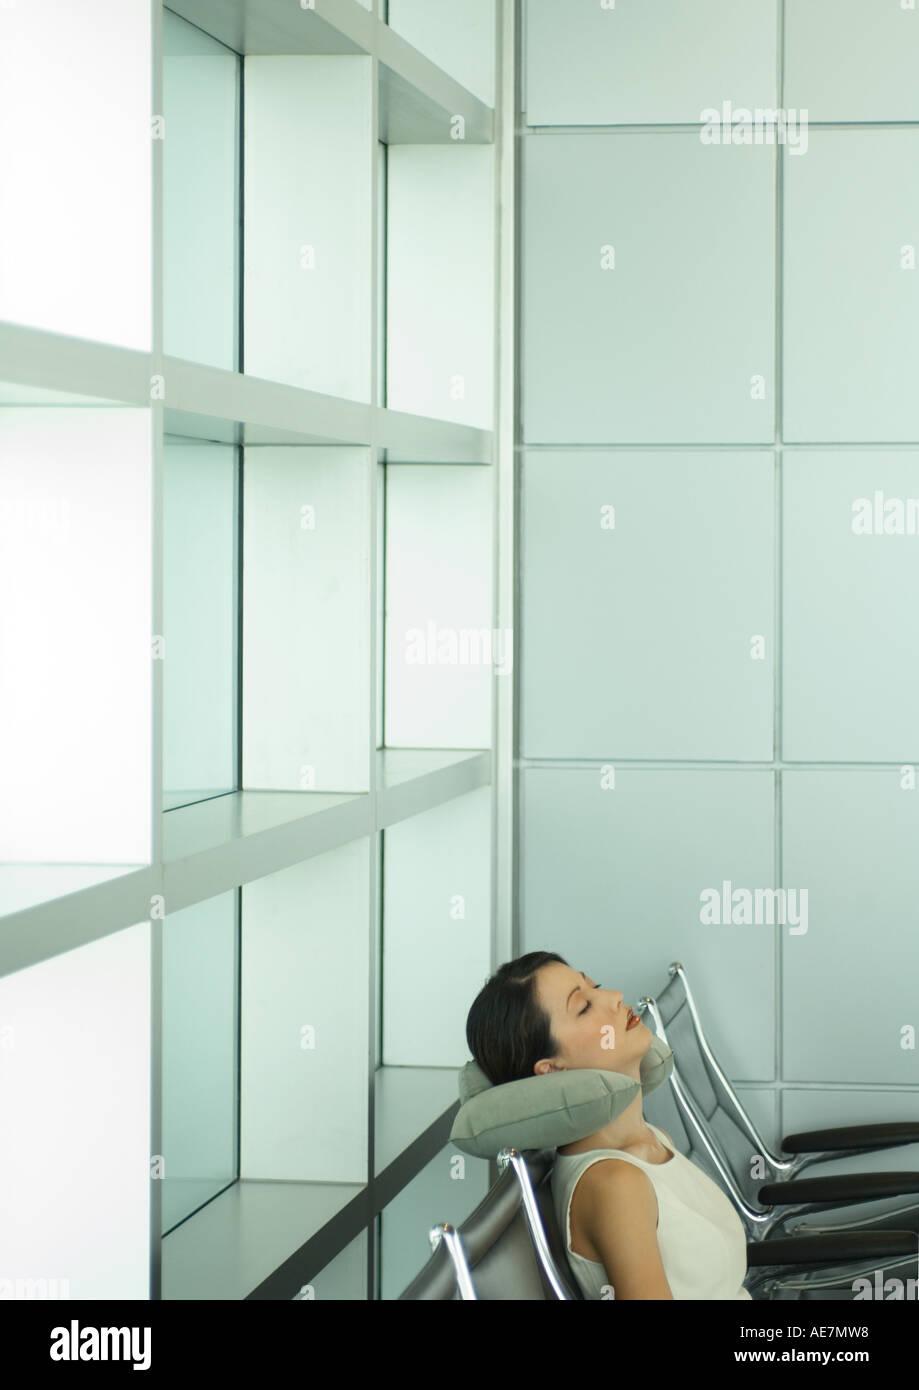 Frau schläft in Flughafen-Lounge, mit Nackenkissen Stockbild